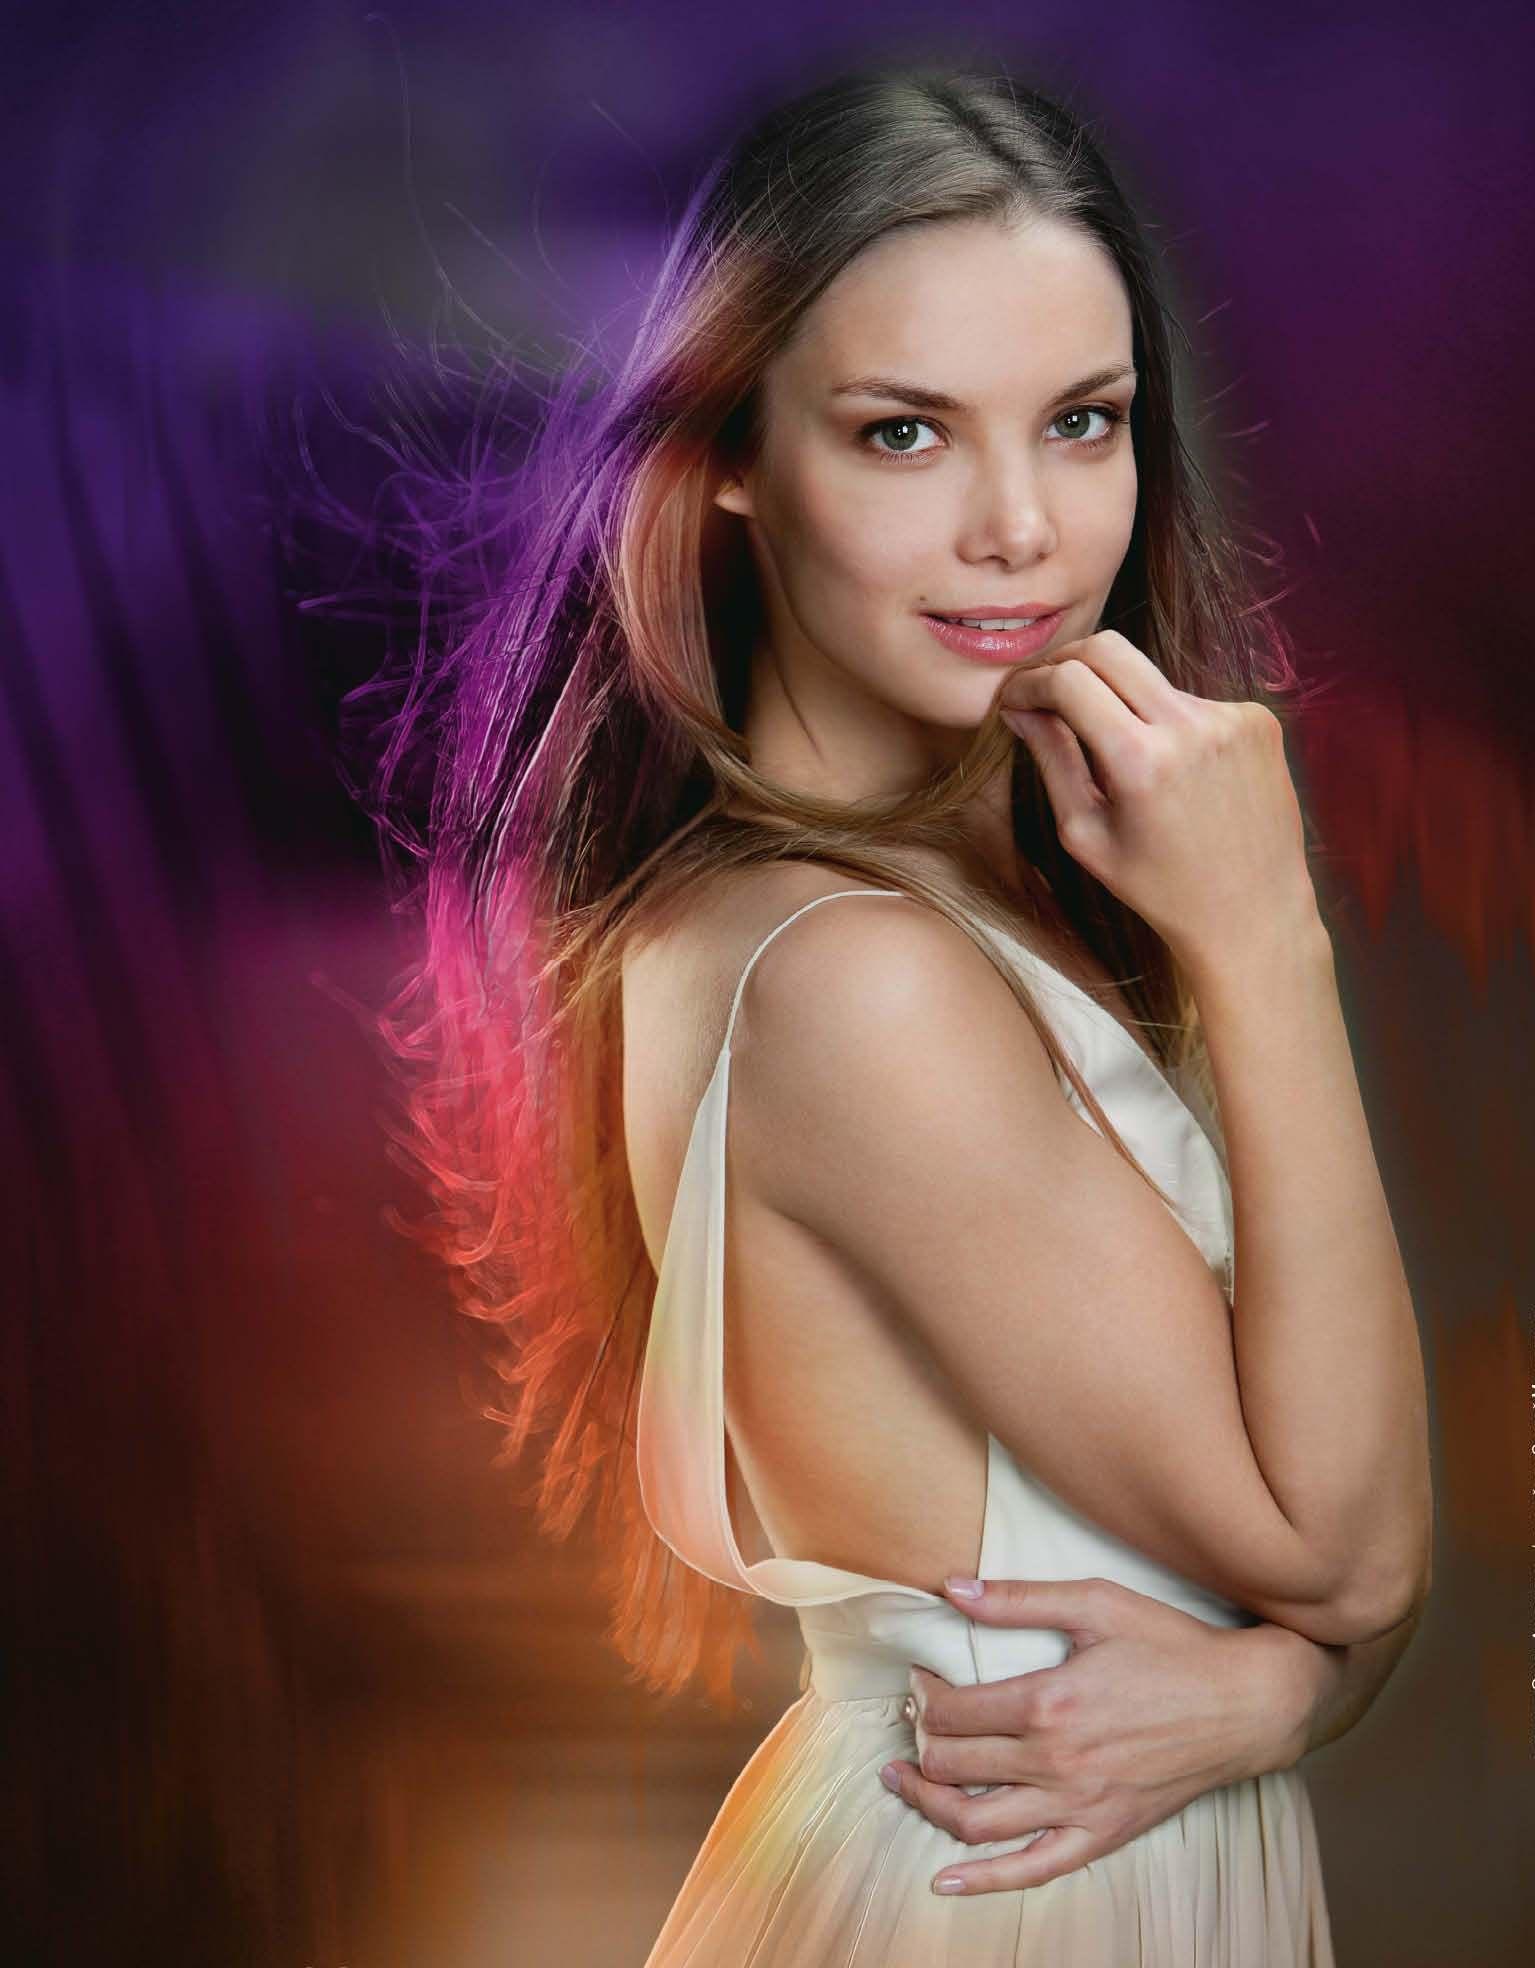 Татьяна арнтгольц nude 22 фотография